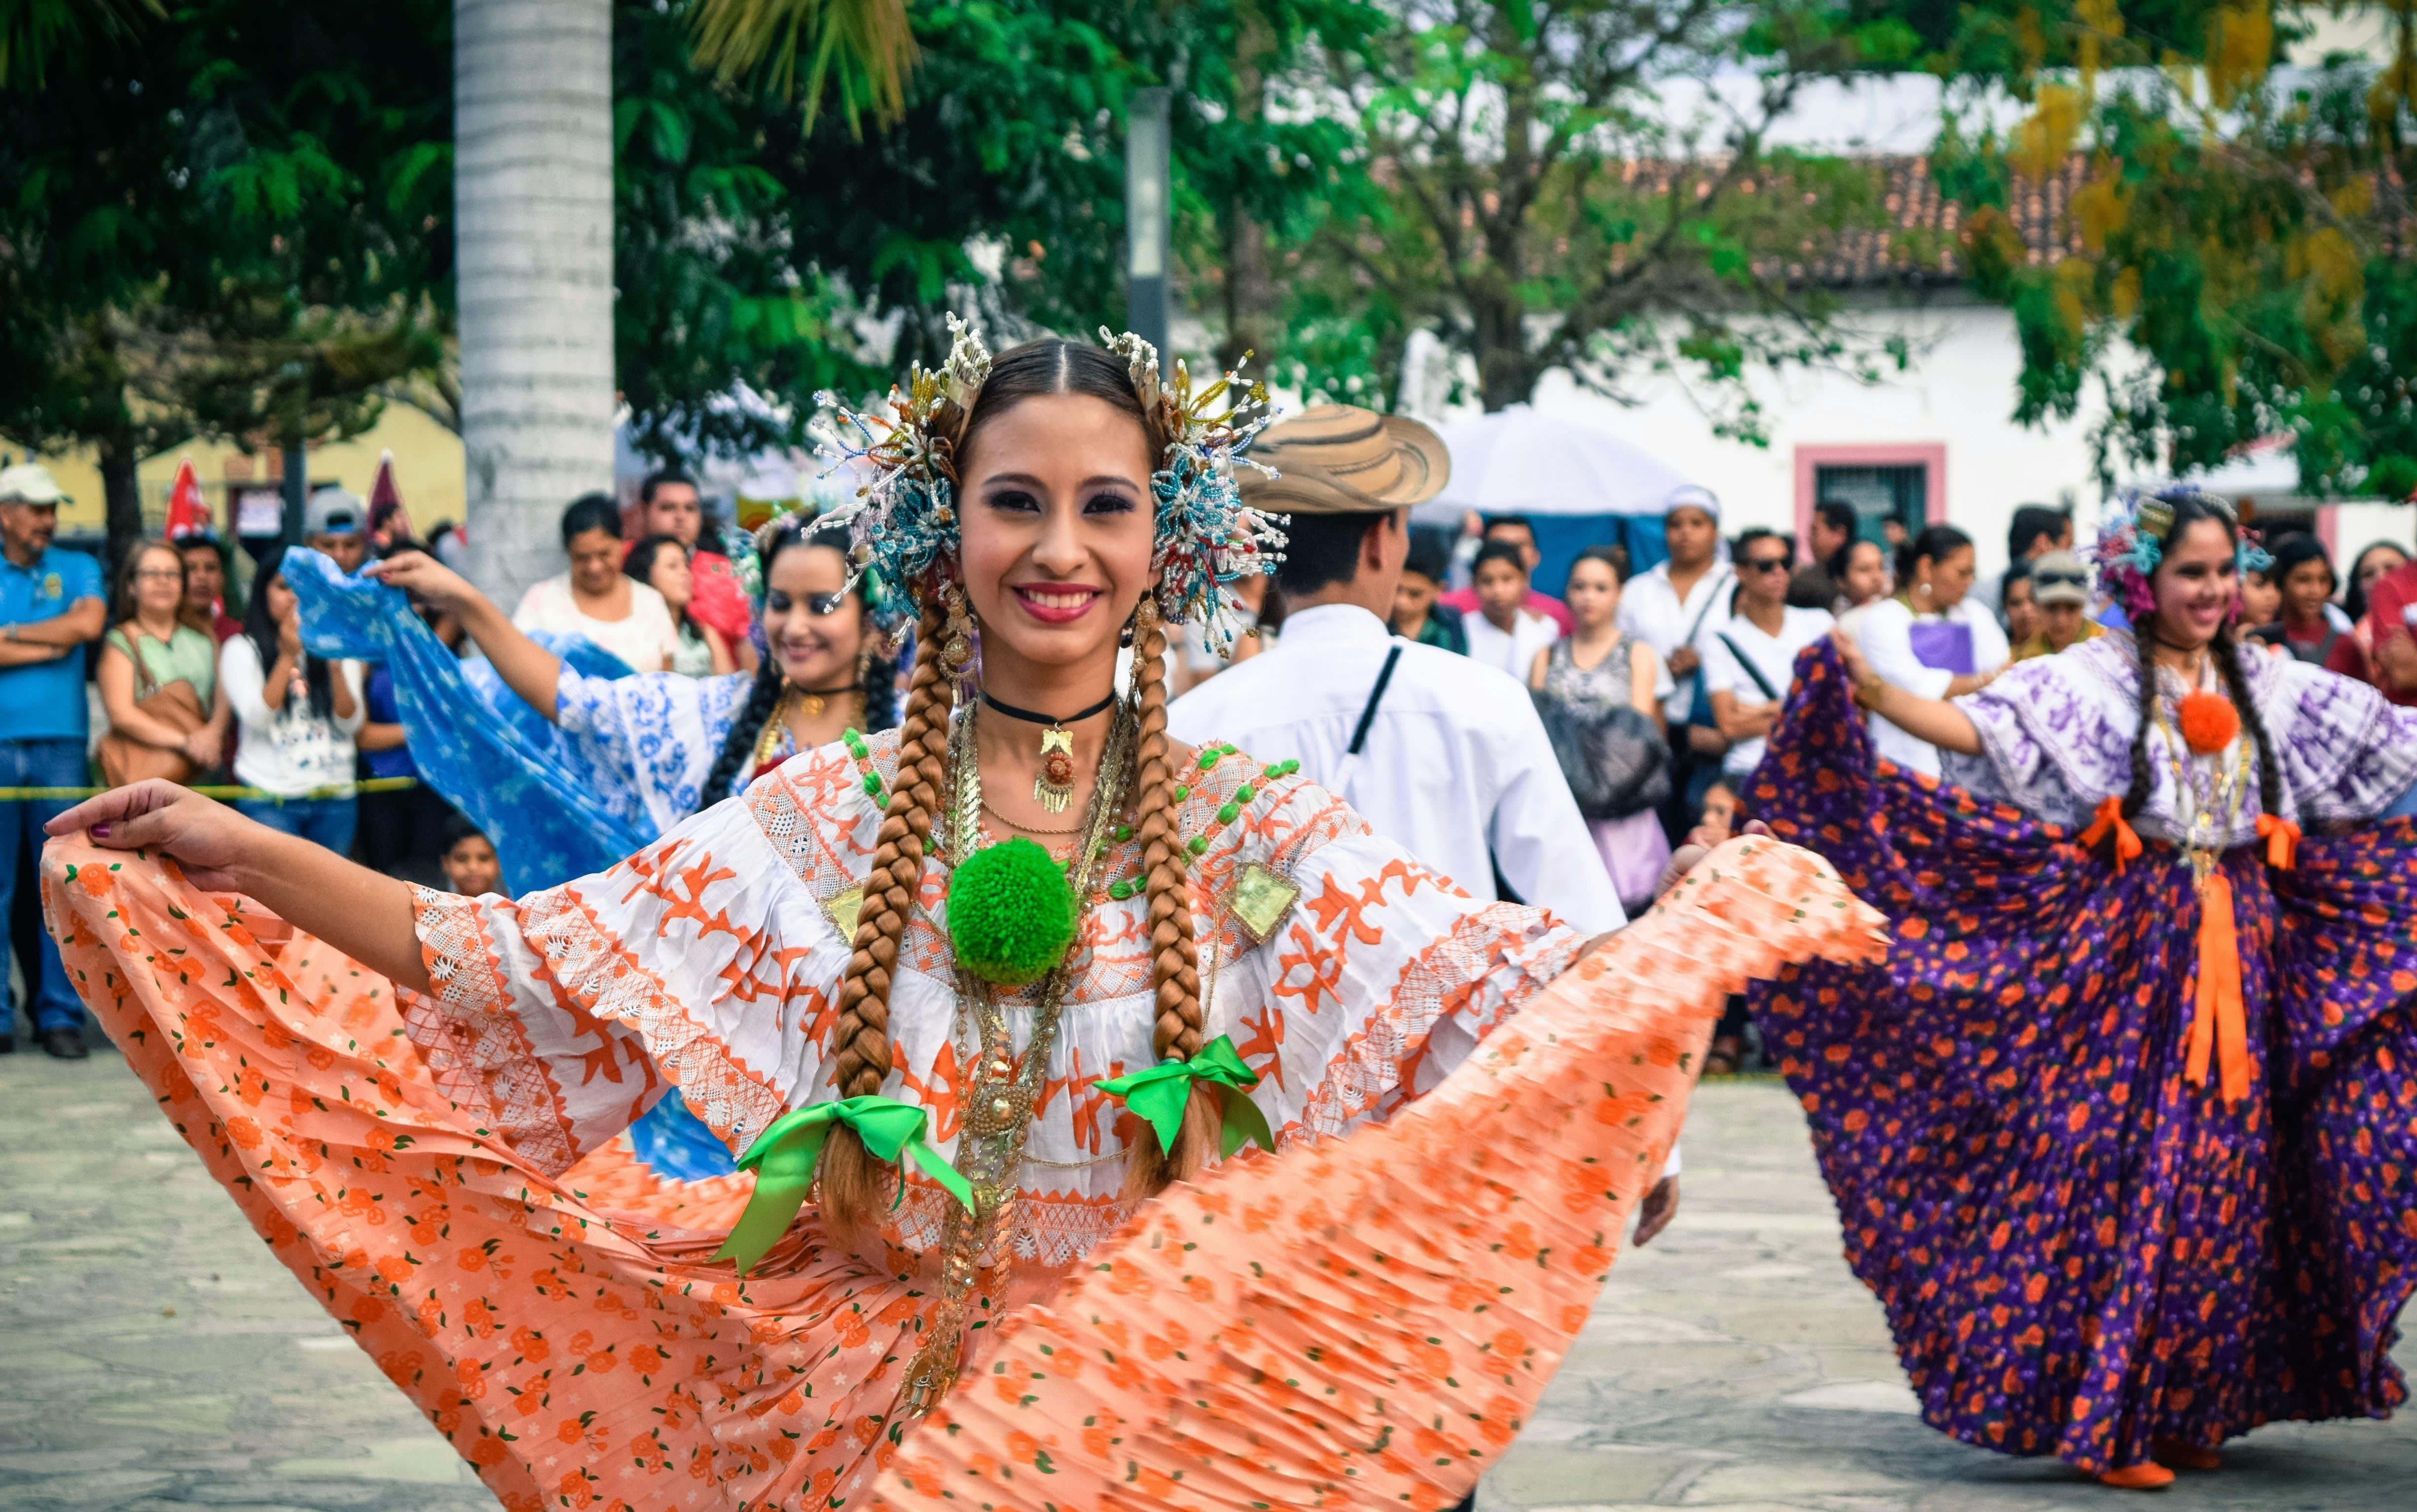 Kultur in Costa Rica